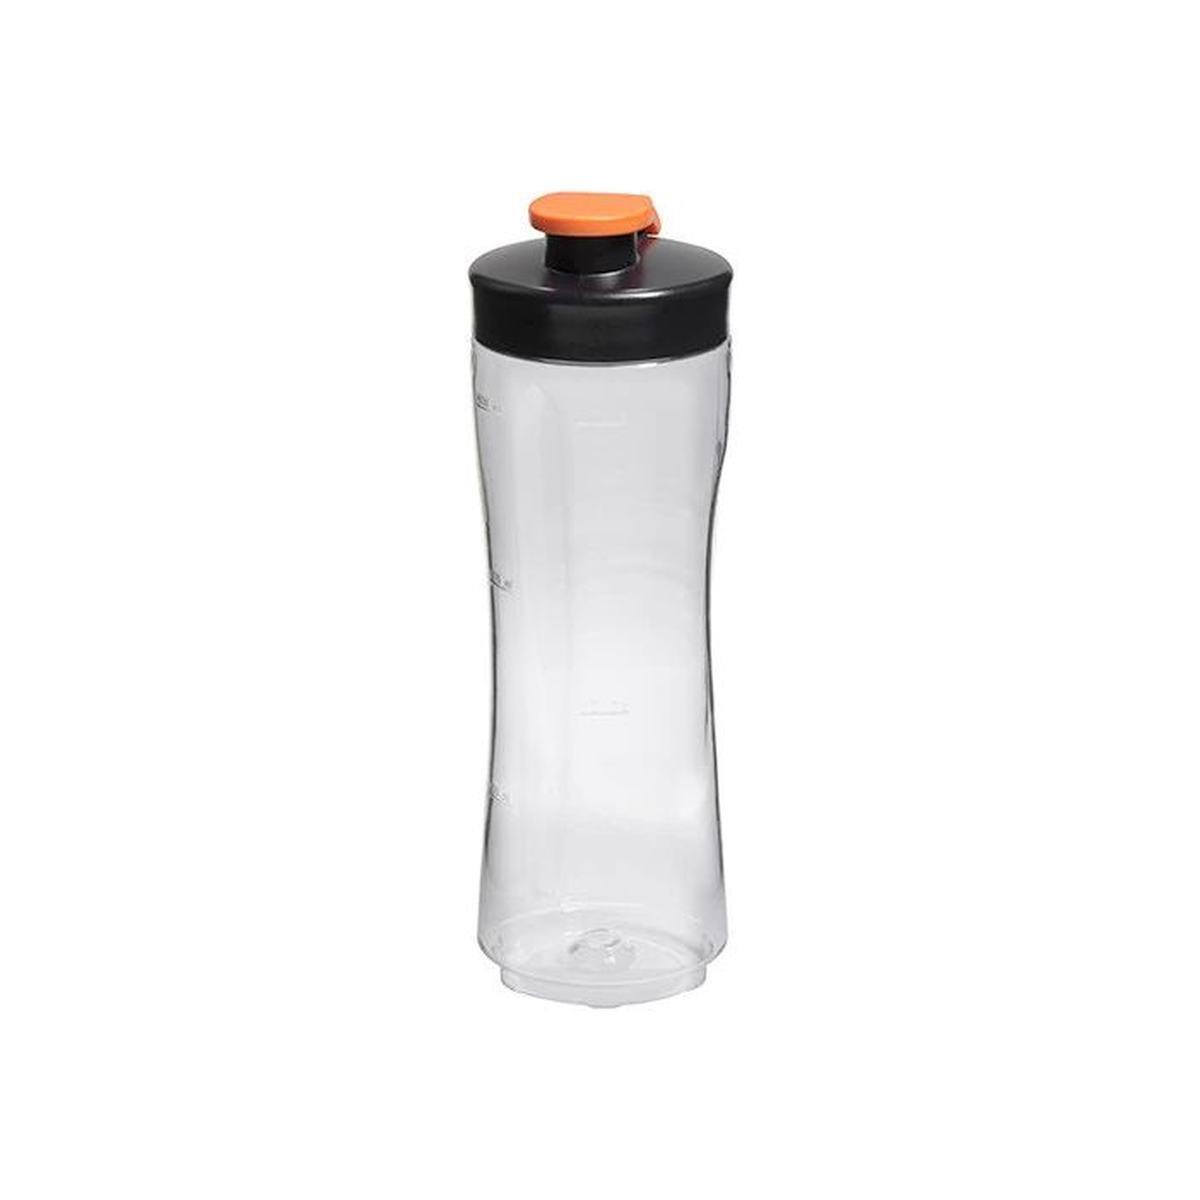 Flaska sportsblender med kåpa SBEB1